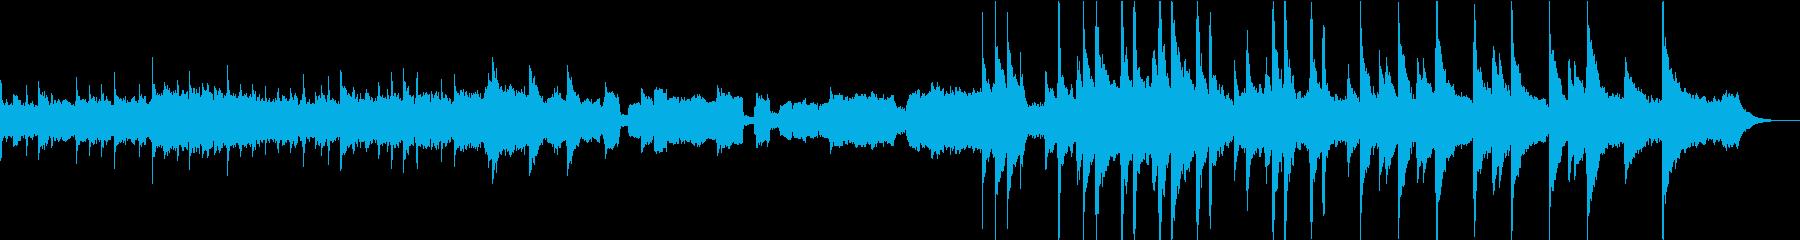 どこか懐かしいRPG風の落ち着いたBGMの再生済みの波形